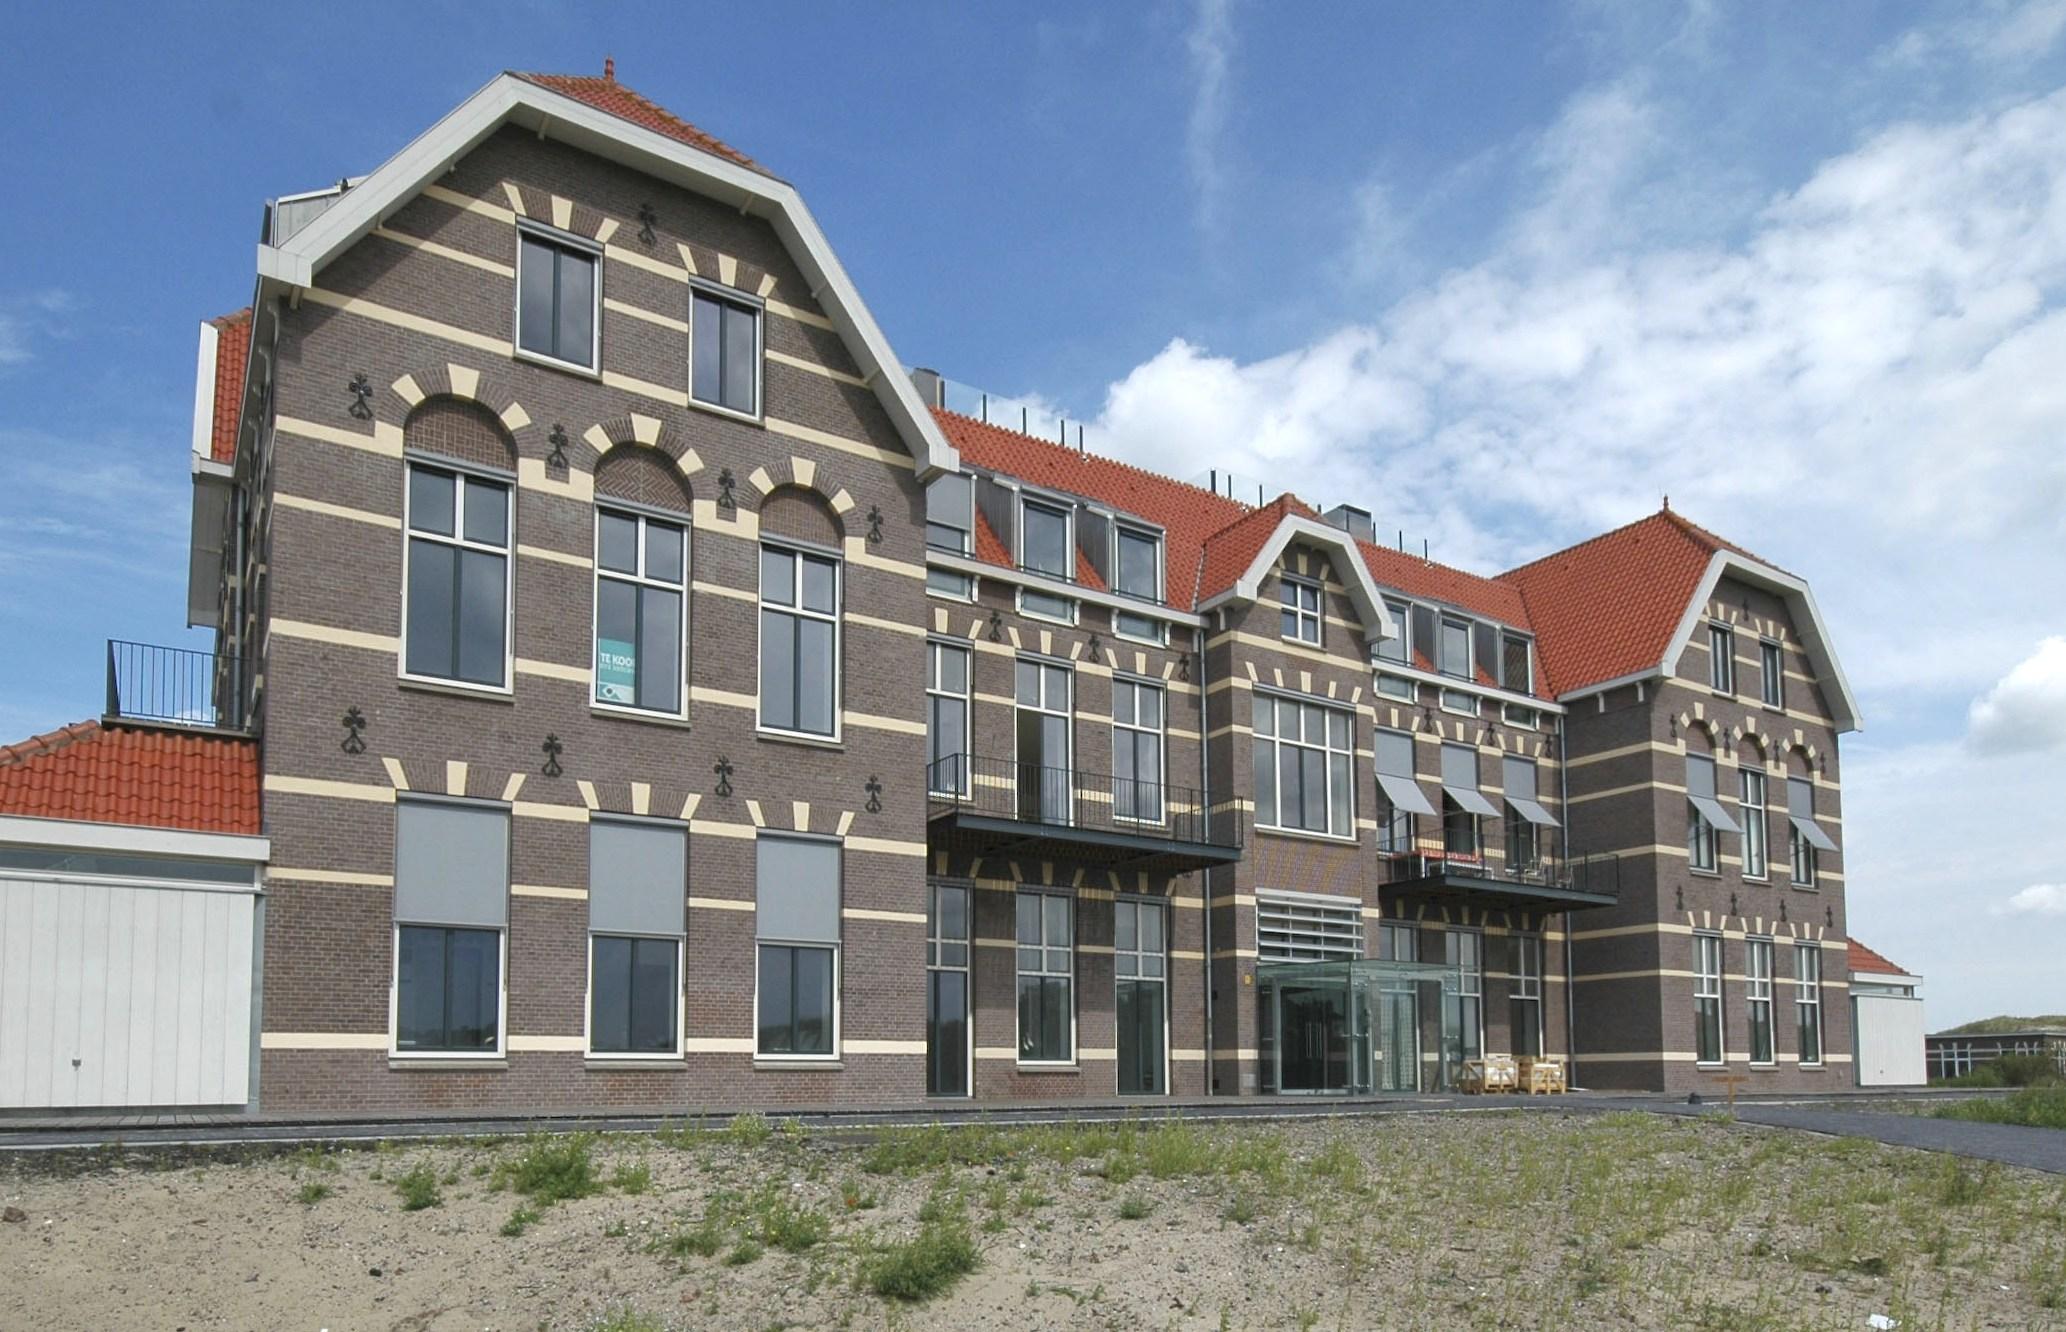 Koloniehuis - Egmond aan Zee